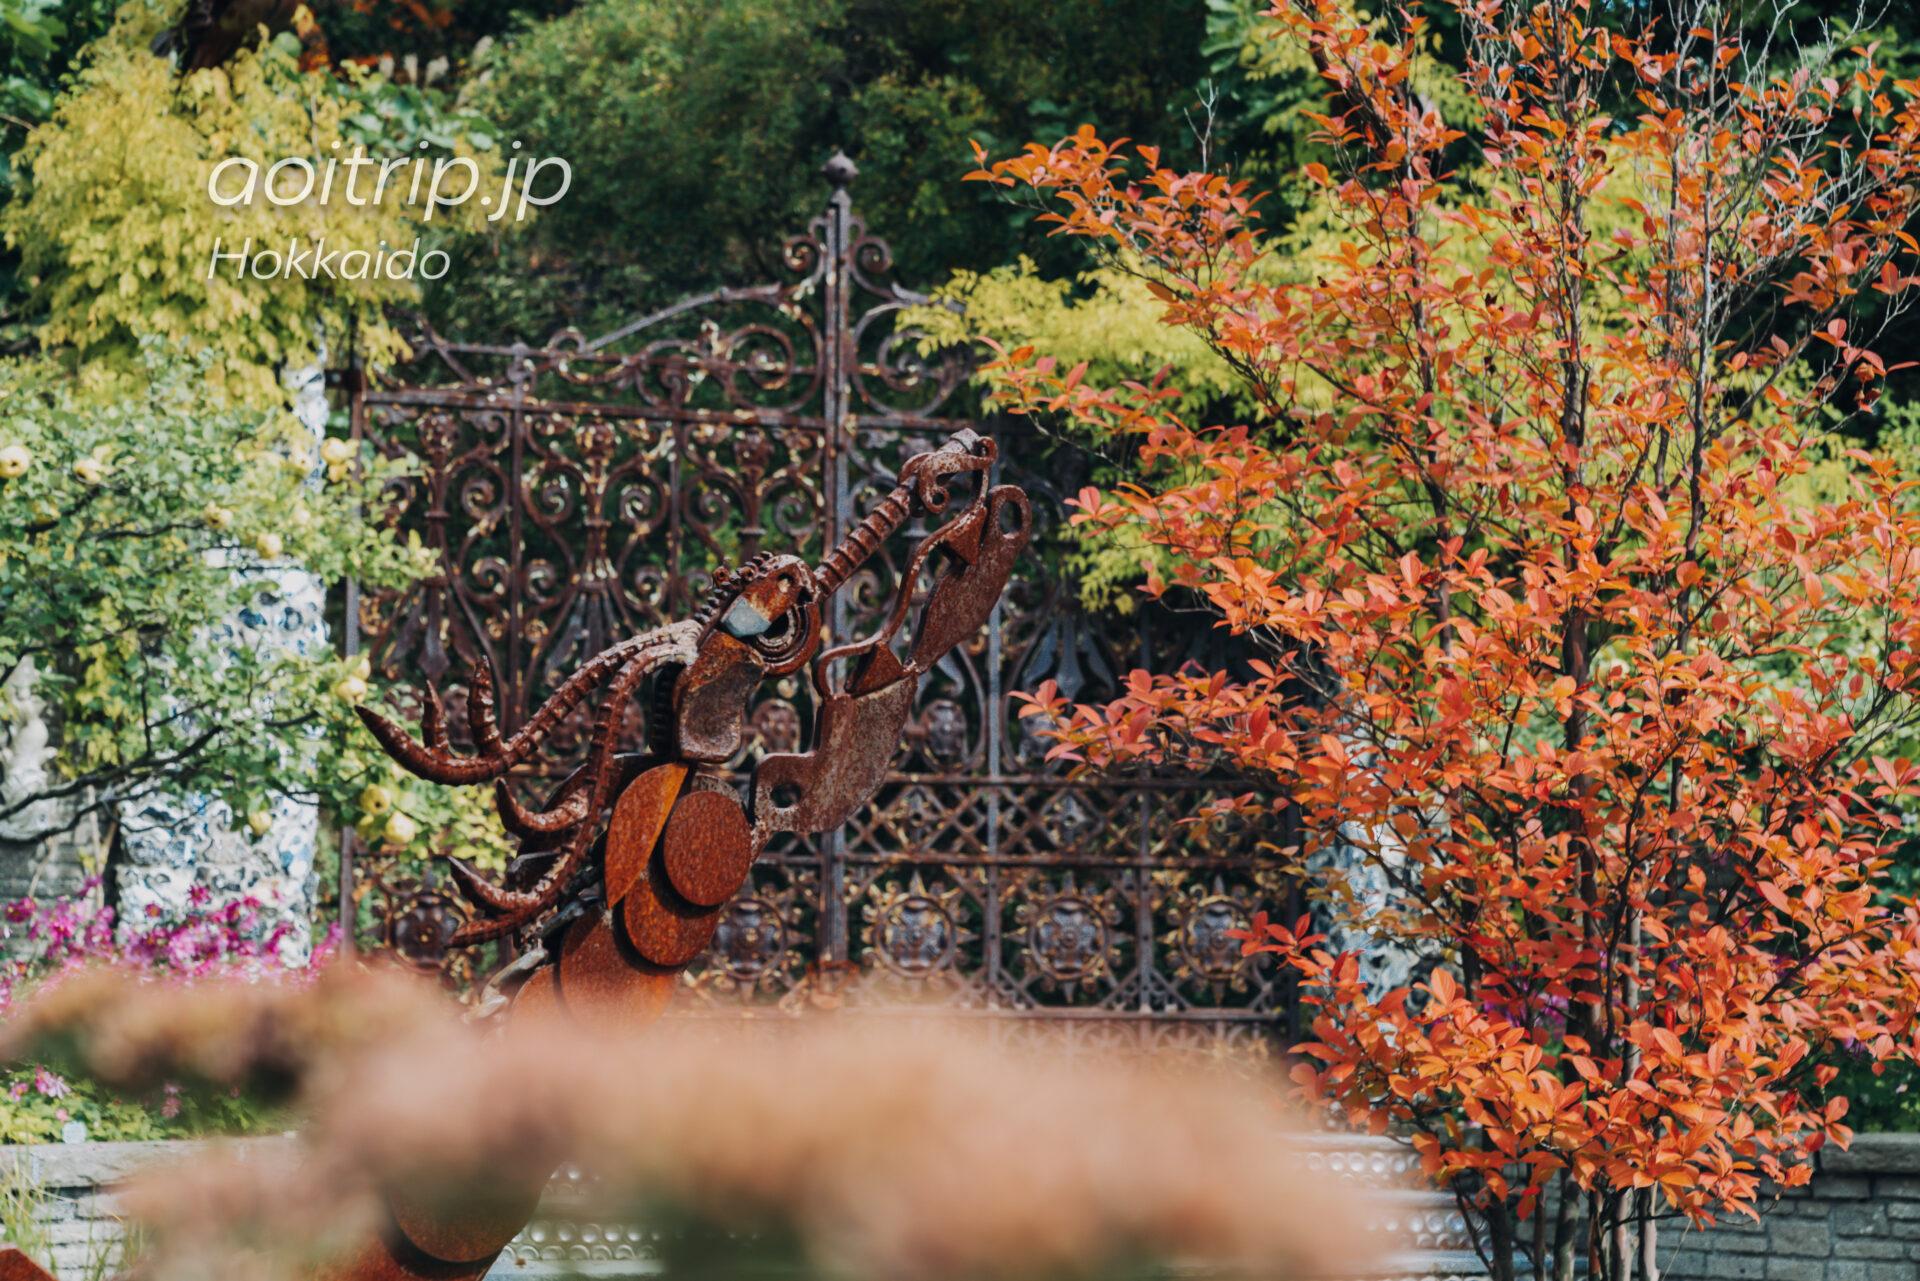 えこりん村 Ecorin Village 銀河庭園のサルベージガーデン